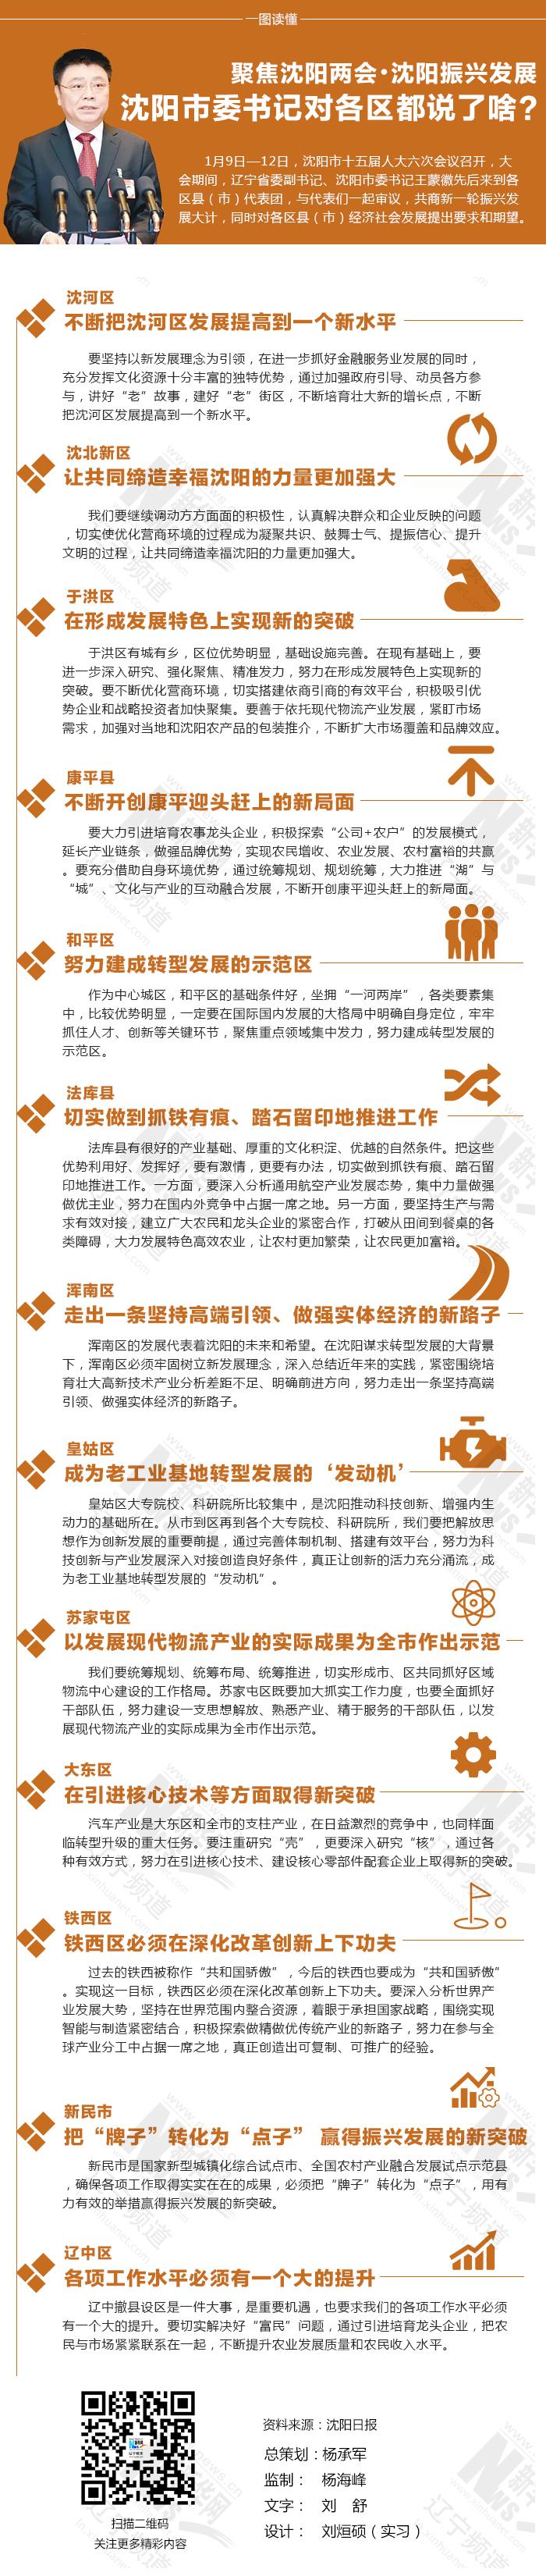 【一图读懂】聚焦沈阳两会·沈阳振兴发展——沈阳市委书记对各区都说了啥?